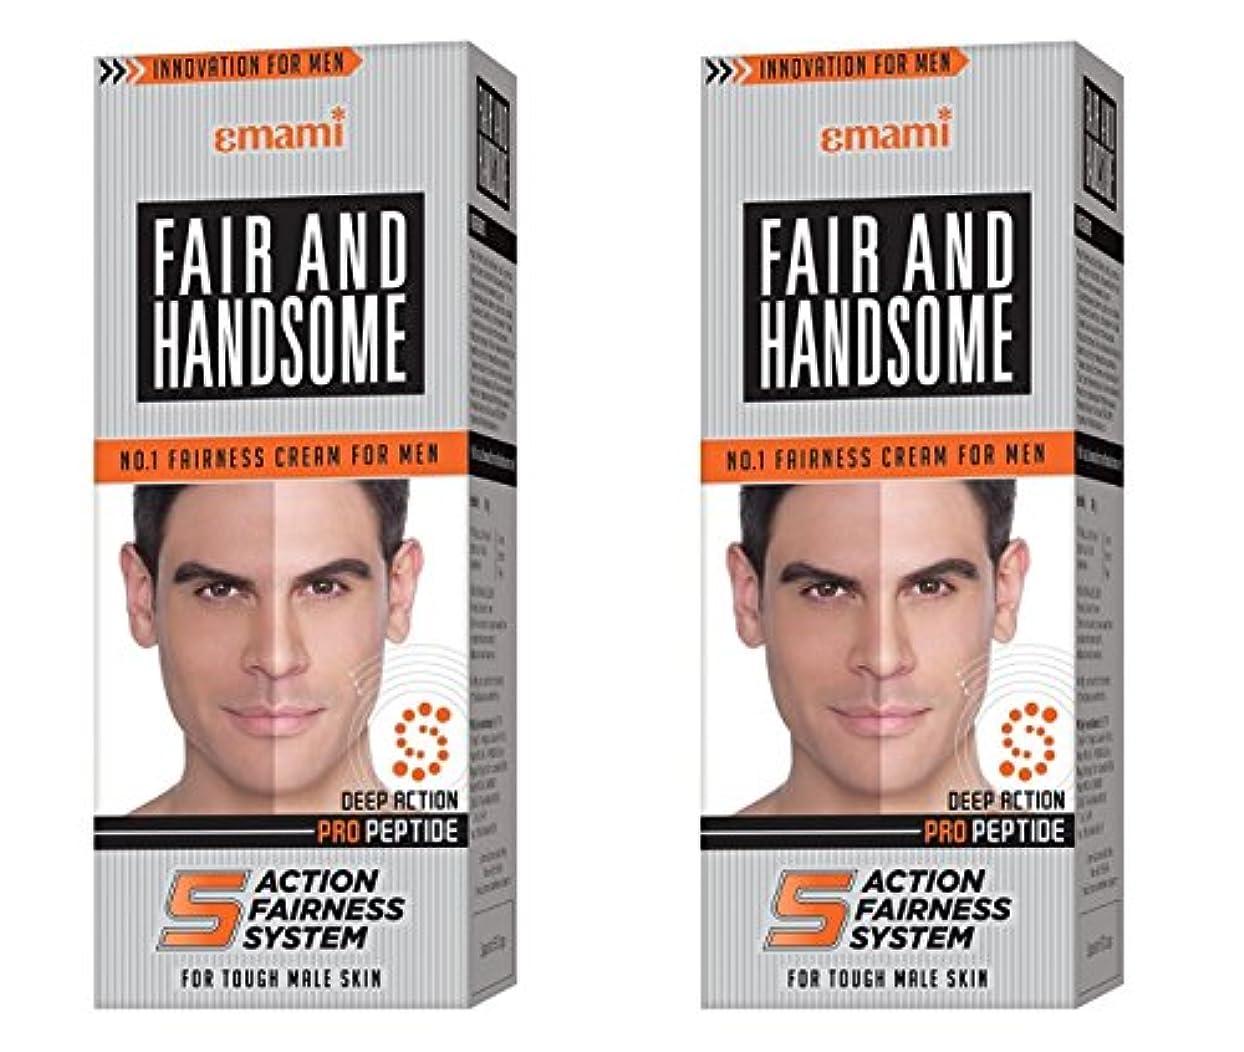 干渉排他的いわゆるFair and Handsome Fairness Cream for Men, 60gm (Pack of 2)